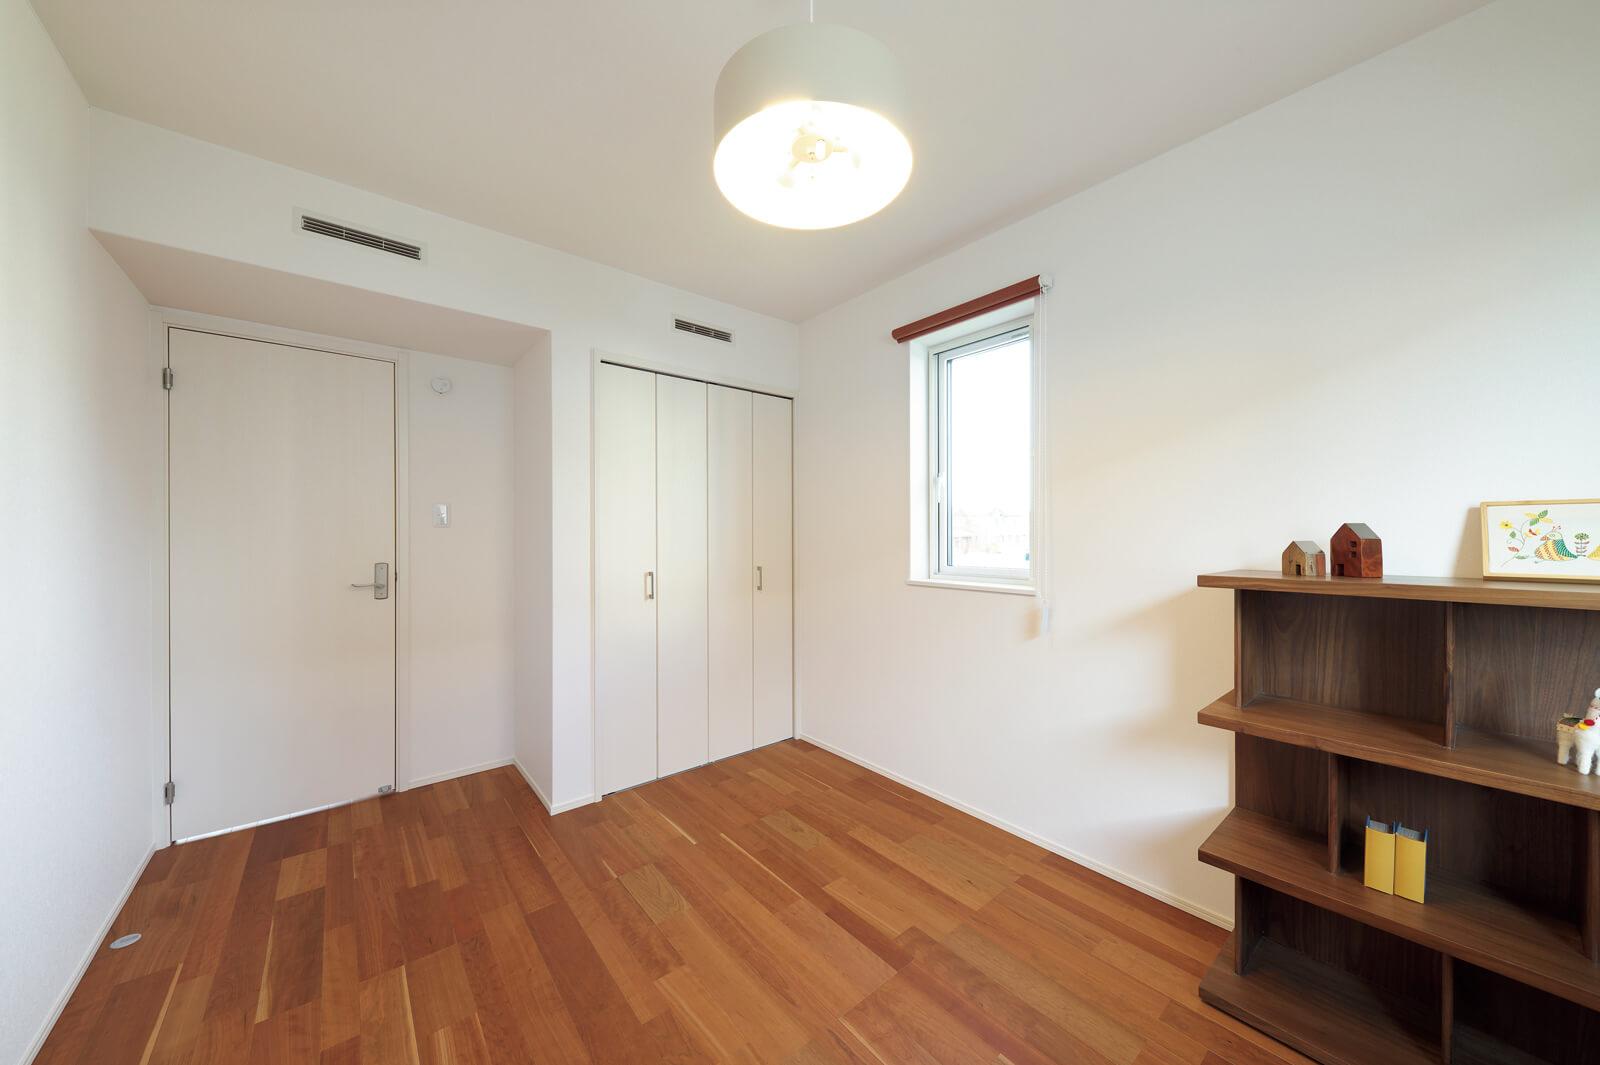 2階洋室。床下で冷暖房された空気は壁内のダクトを通り、ドアの上の給気口から室内へと取り込まれる